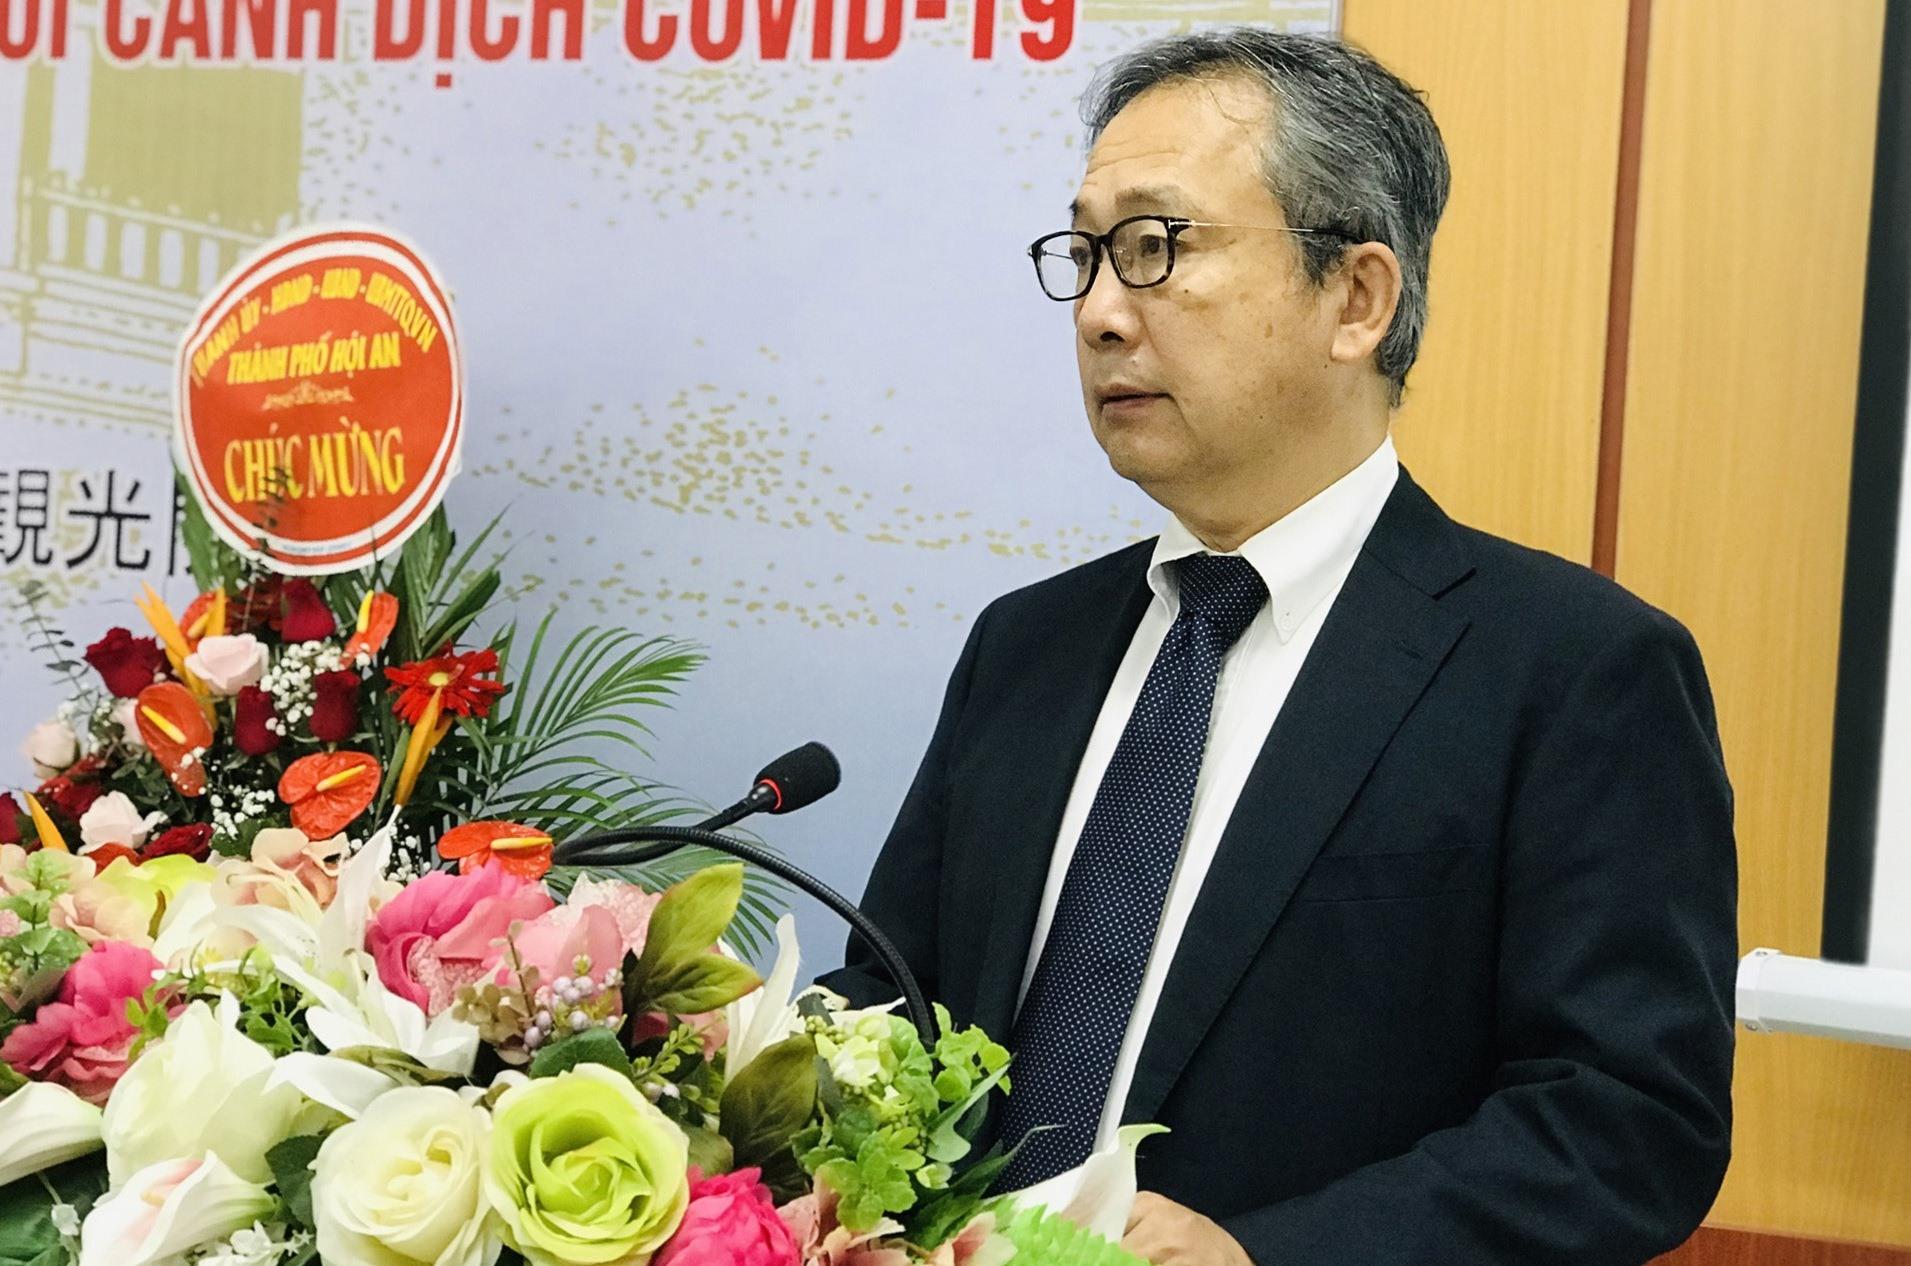 Đại sứ Đặc mệnh toàn quyền Nhật Bản tại Việt Nam - Yamada Takio phát biểu tại buổi tọa đàm. Ảnh: H.T